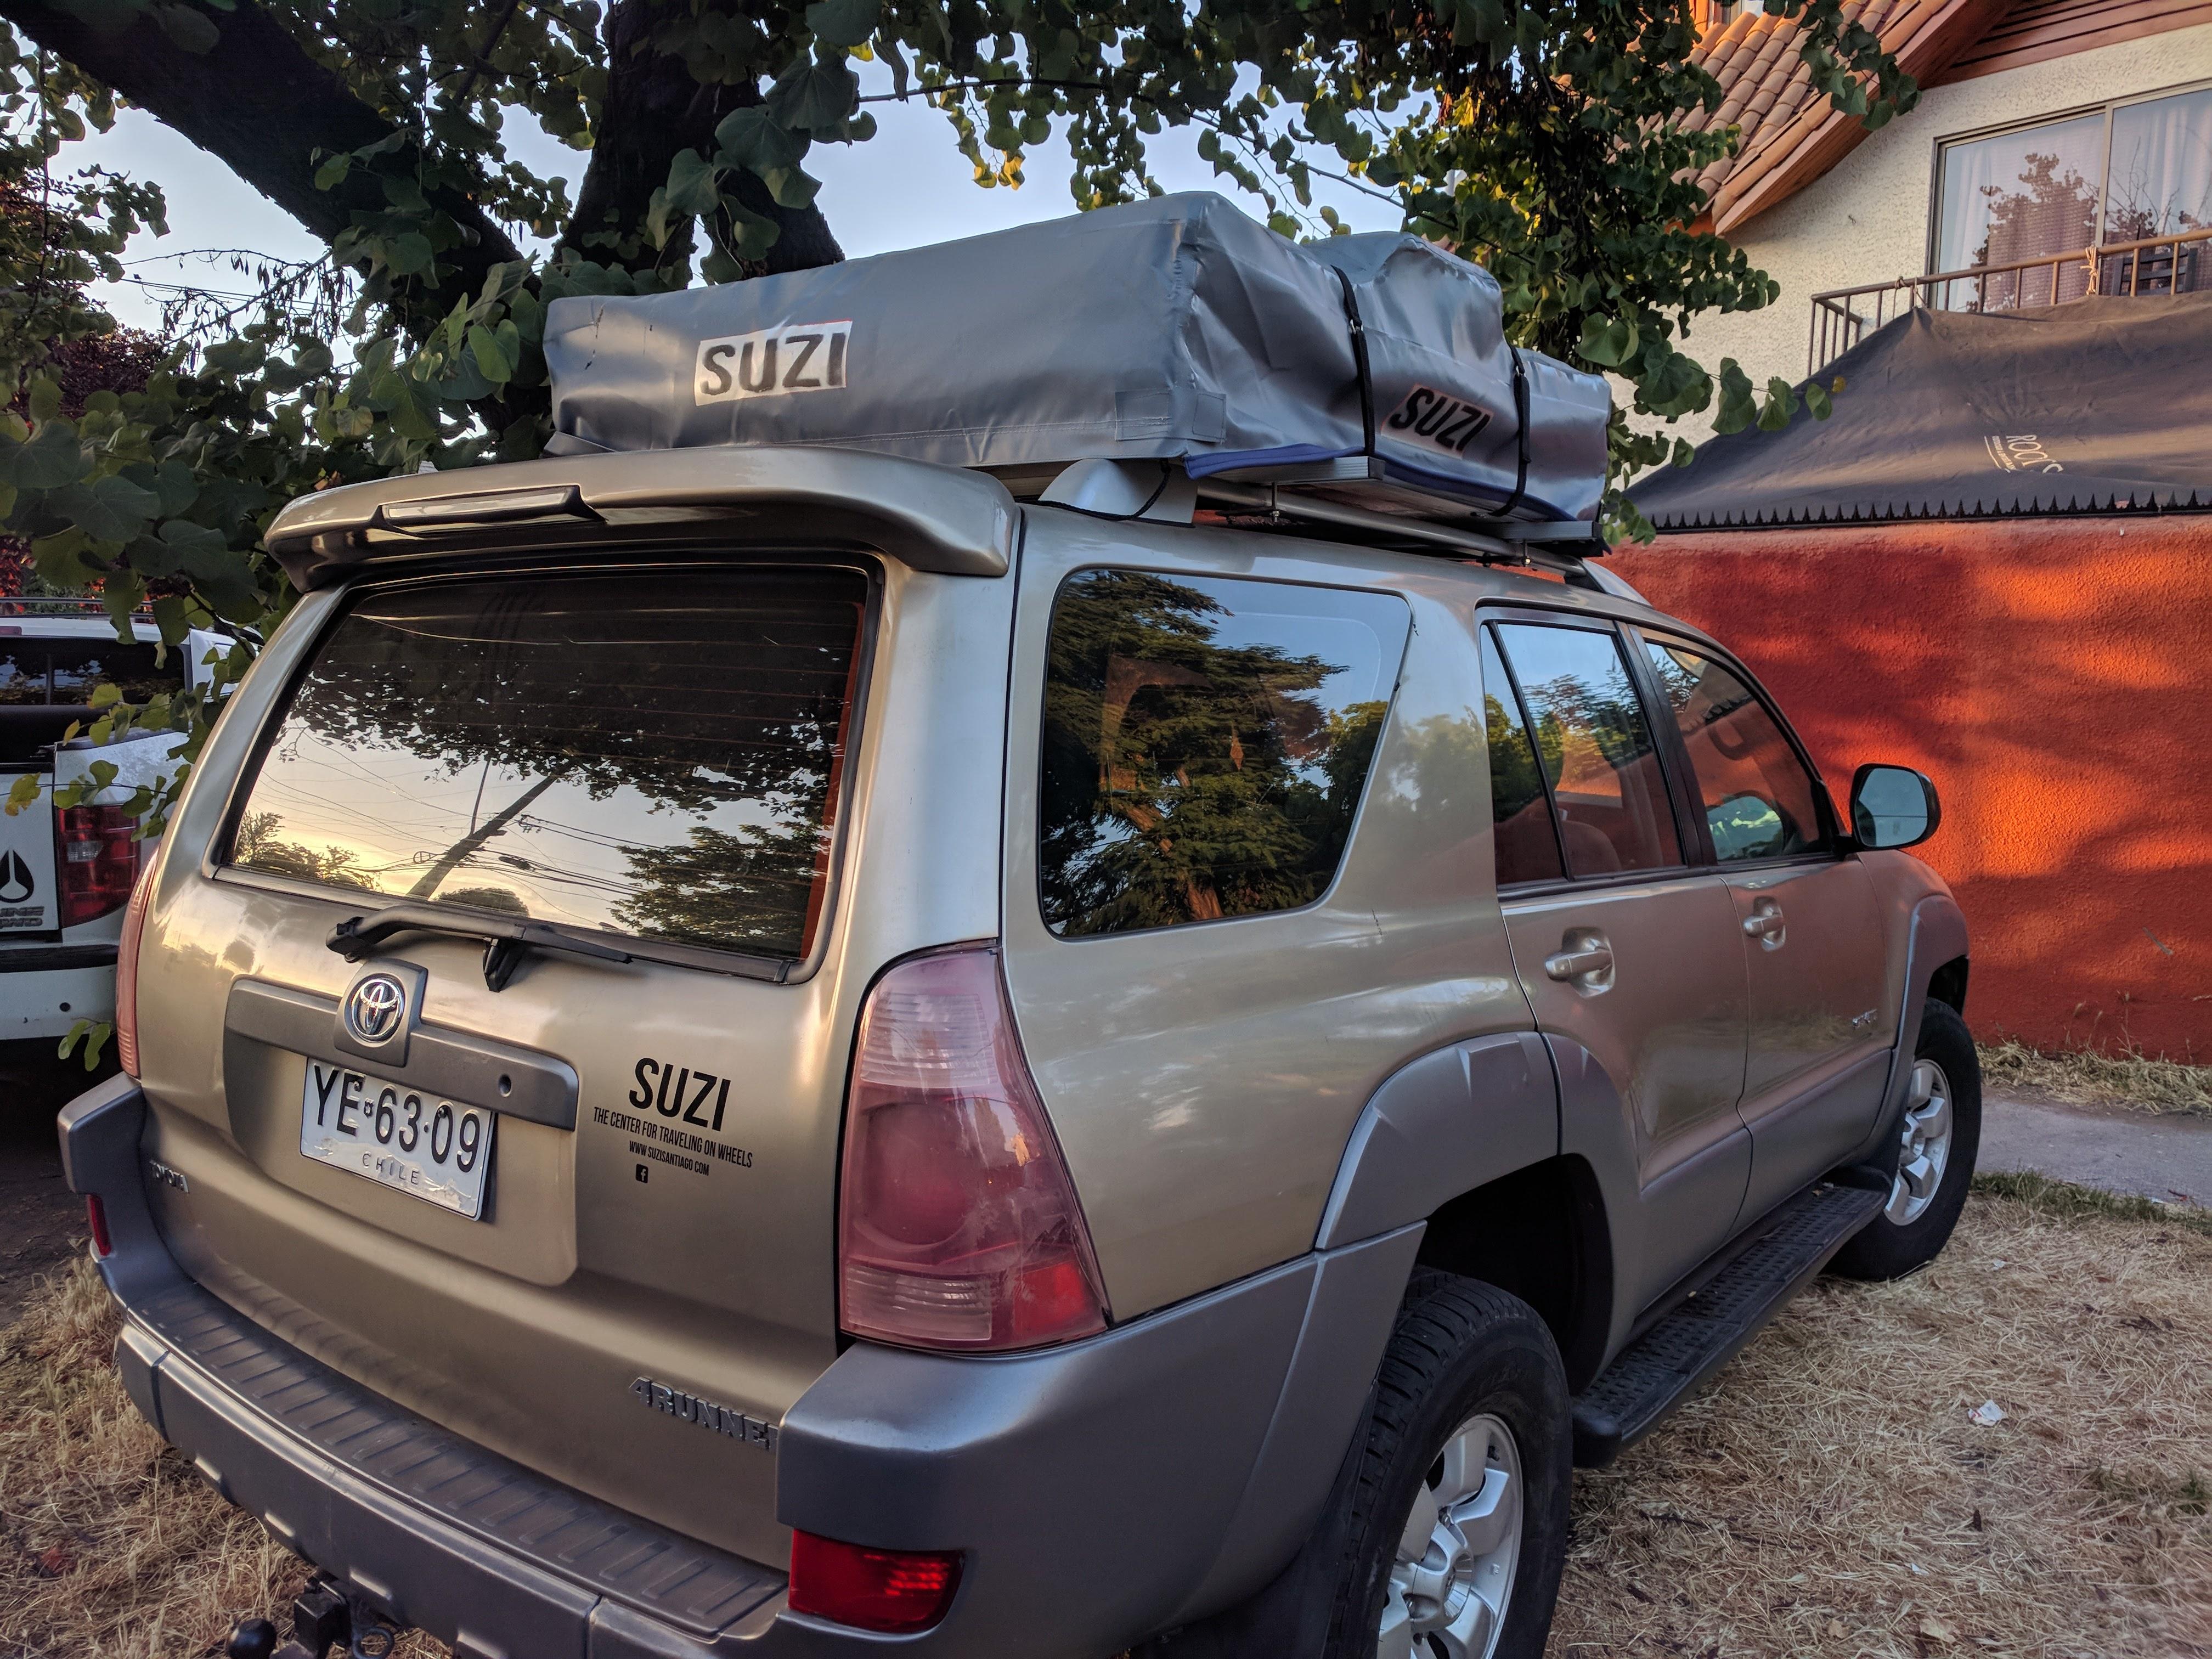 Camper Van, Chile